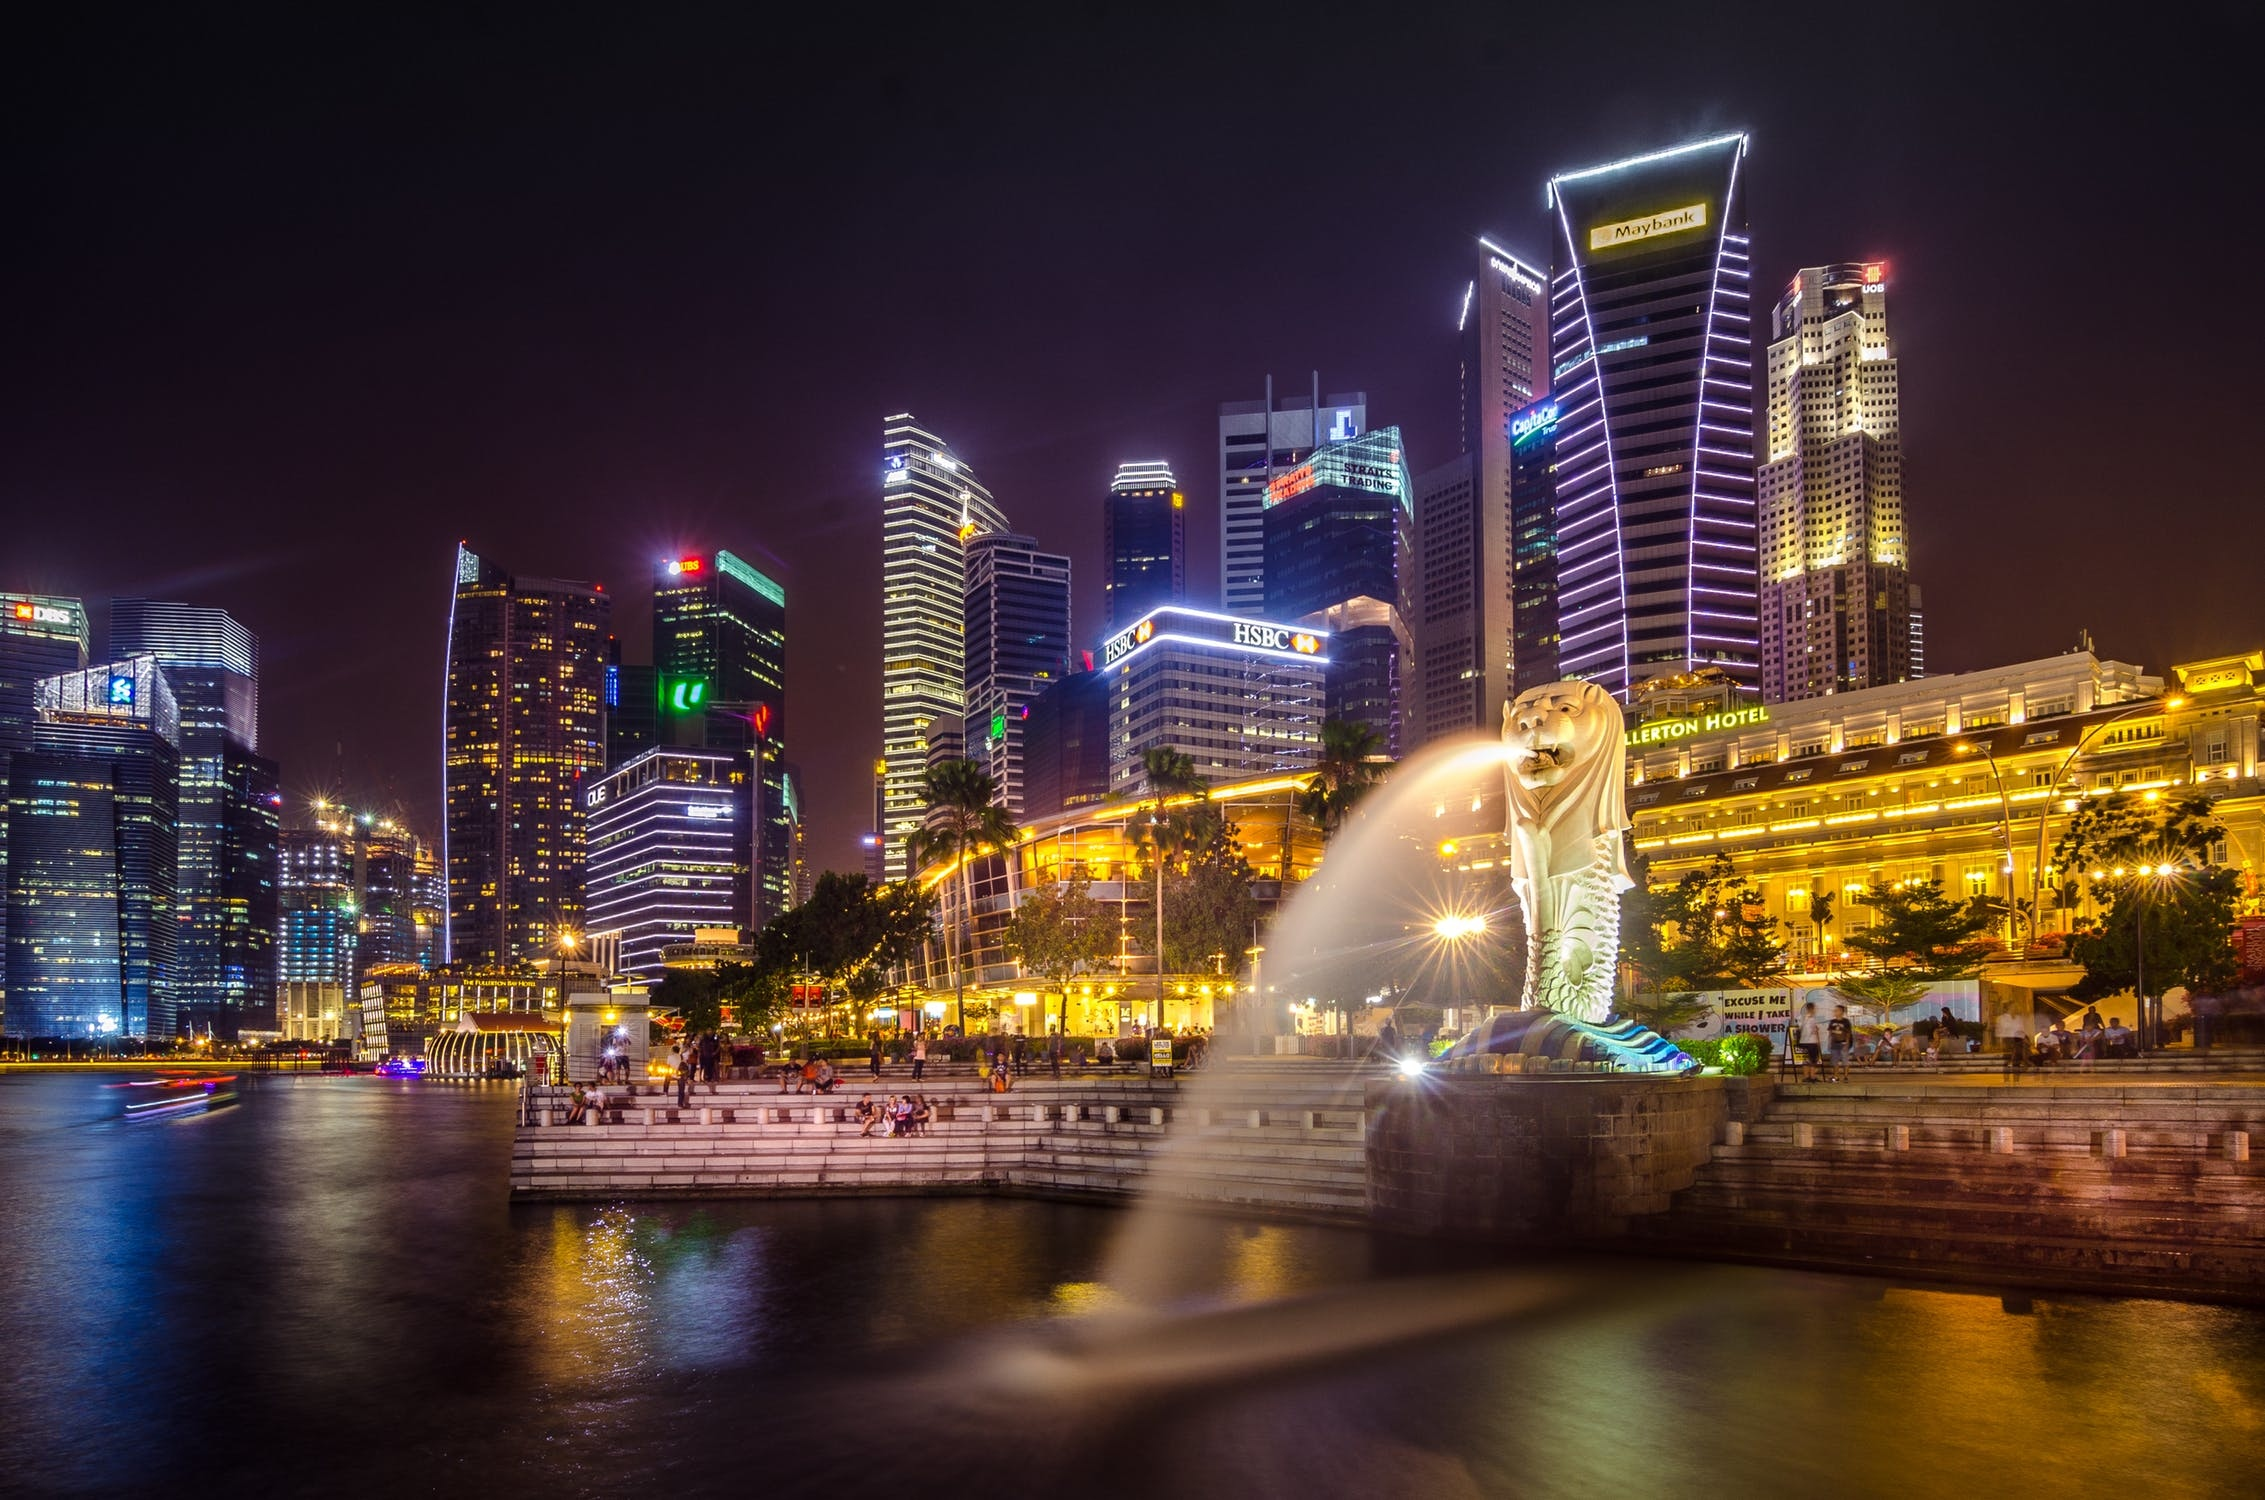 线上销售仅占全国零售总额5.7%,新加坡人更热衷实体店购物